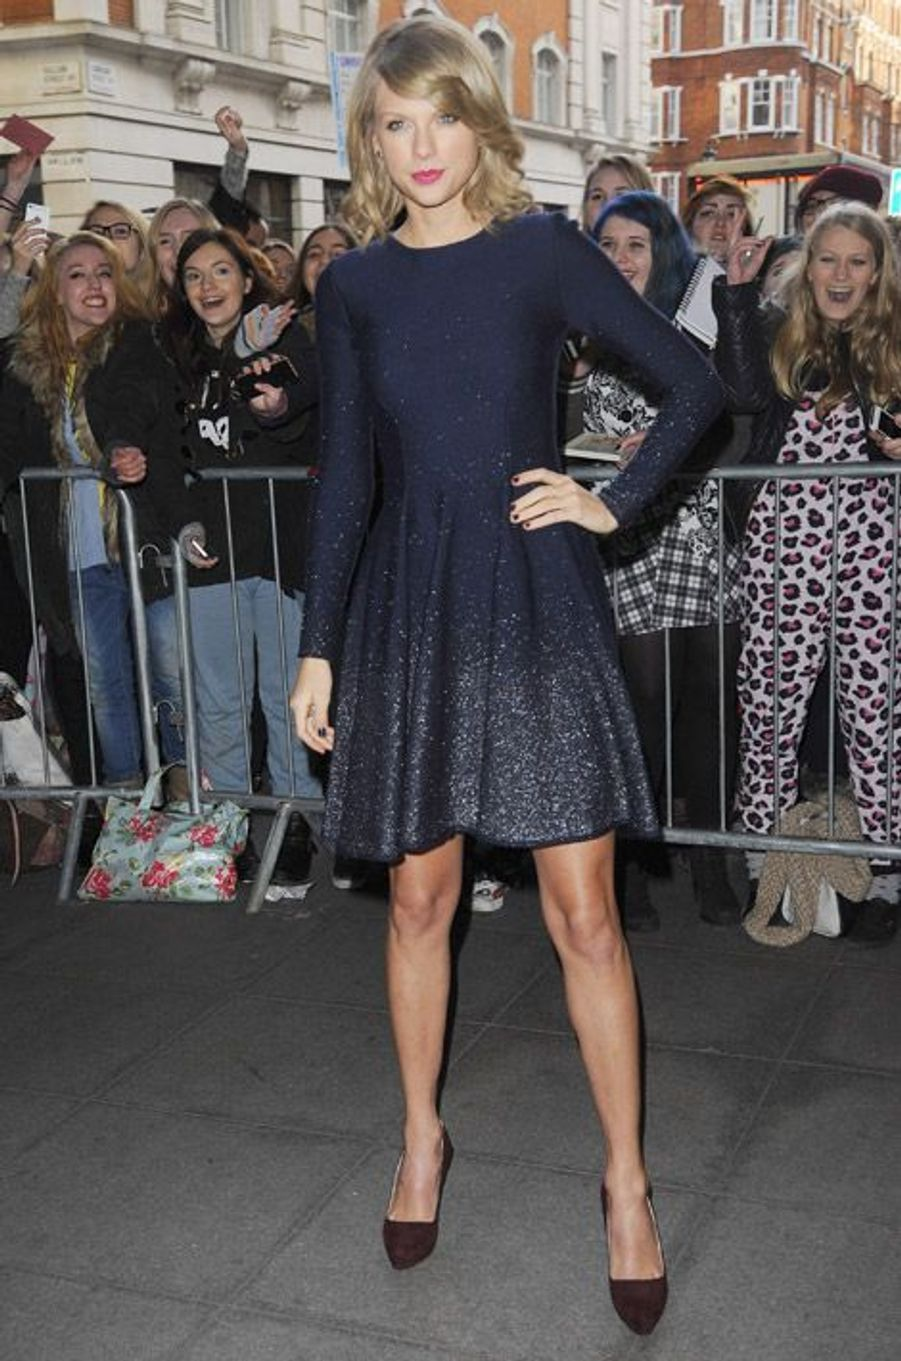 La chanteuse Taylor Swift dans une robe patineuse bleu nuit à Londres, le 24 février 2015